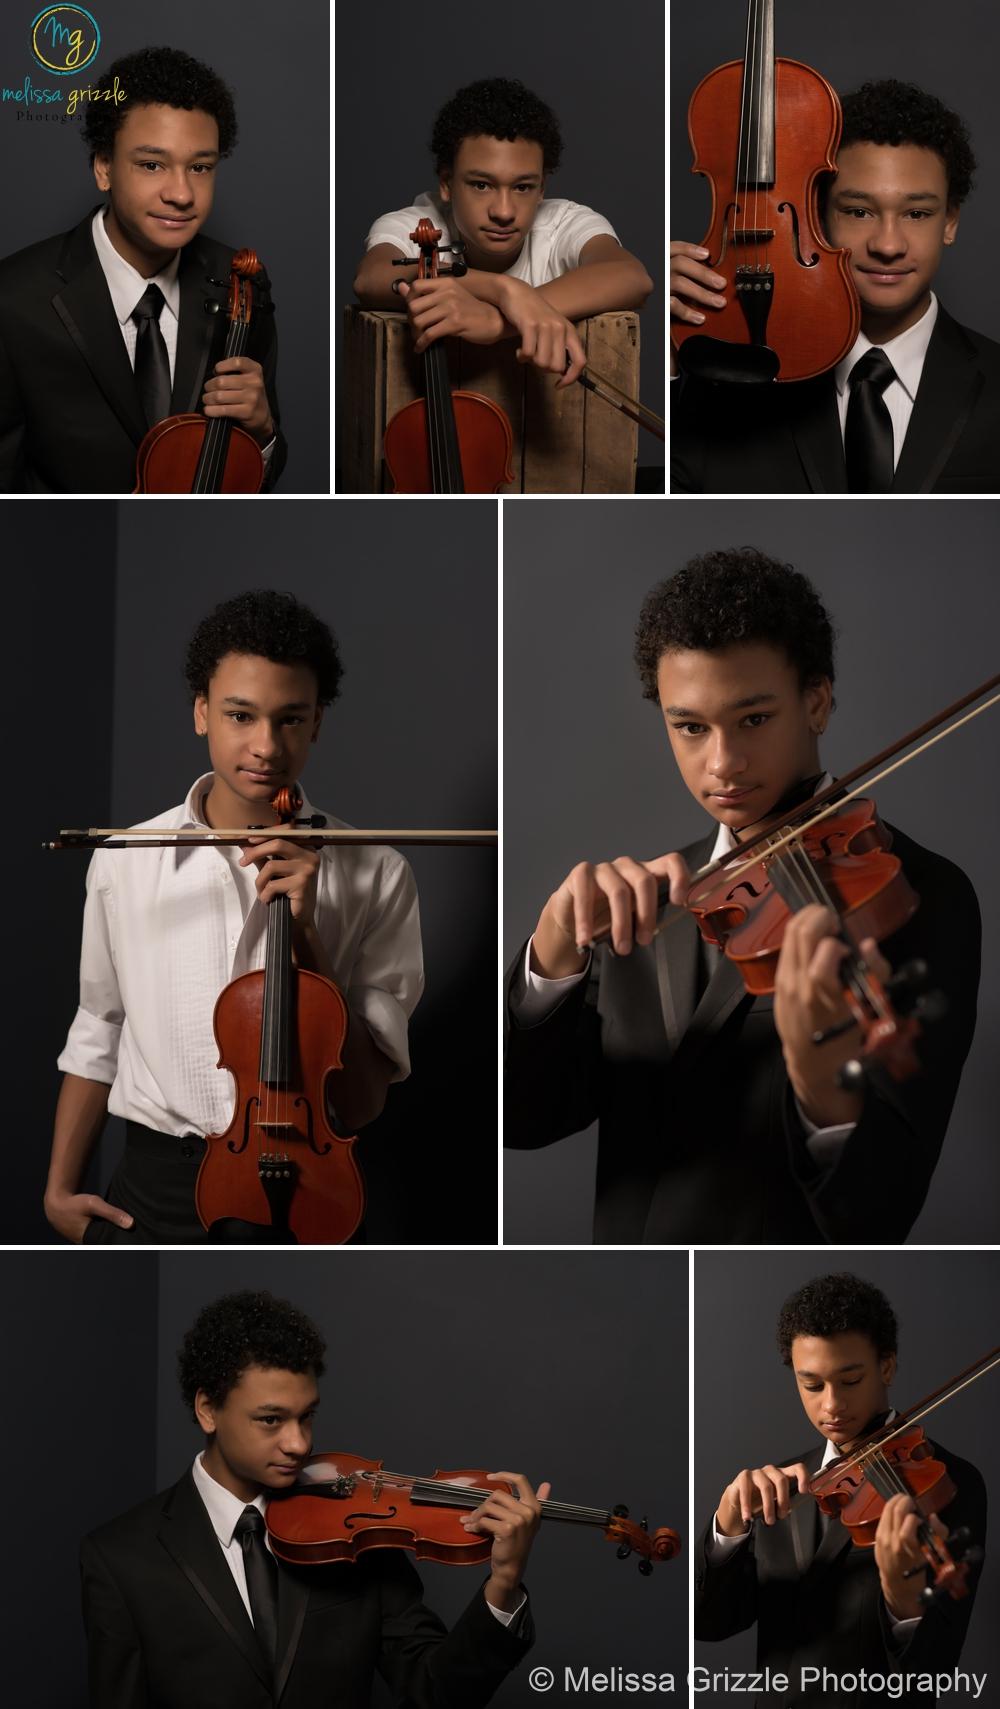 Joshua's Violin